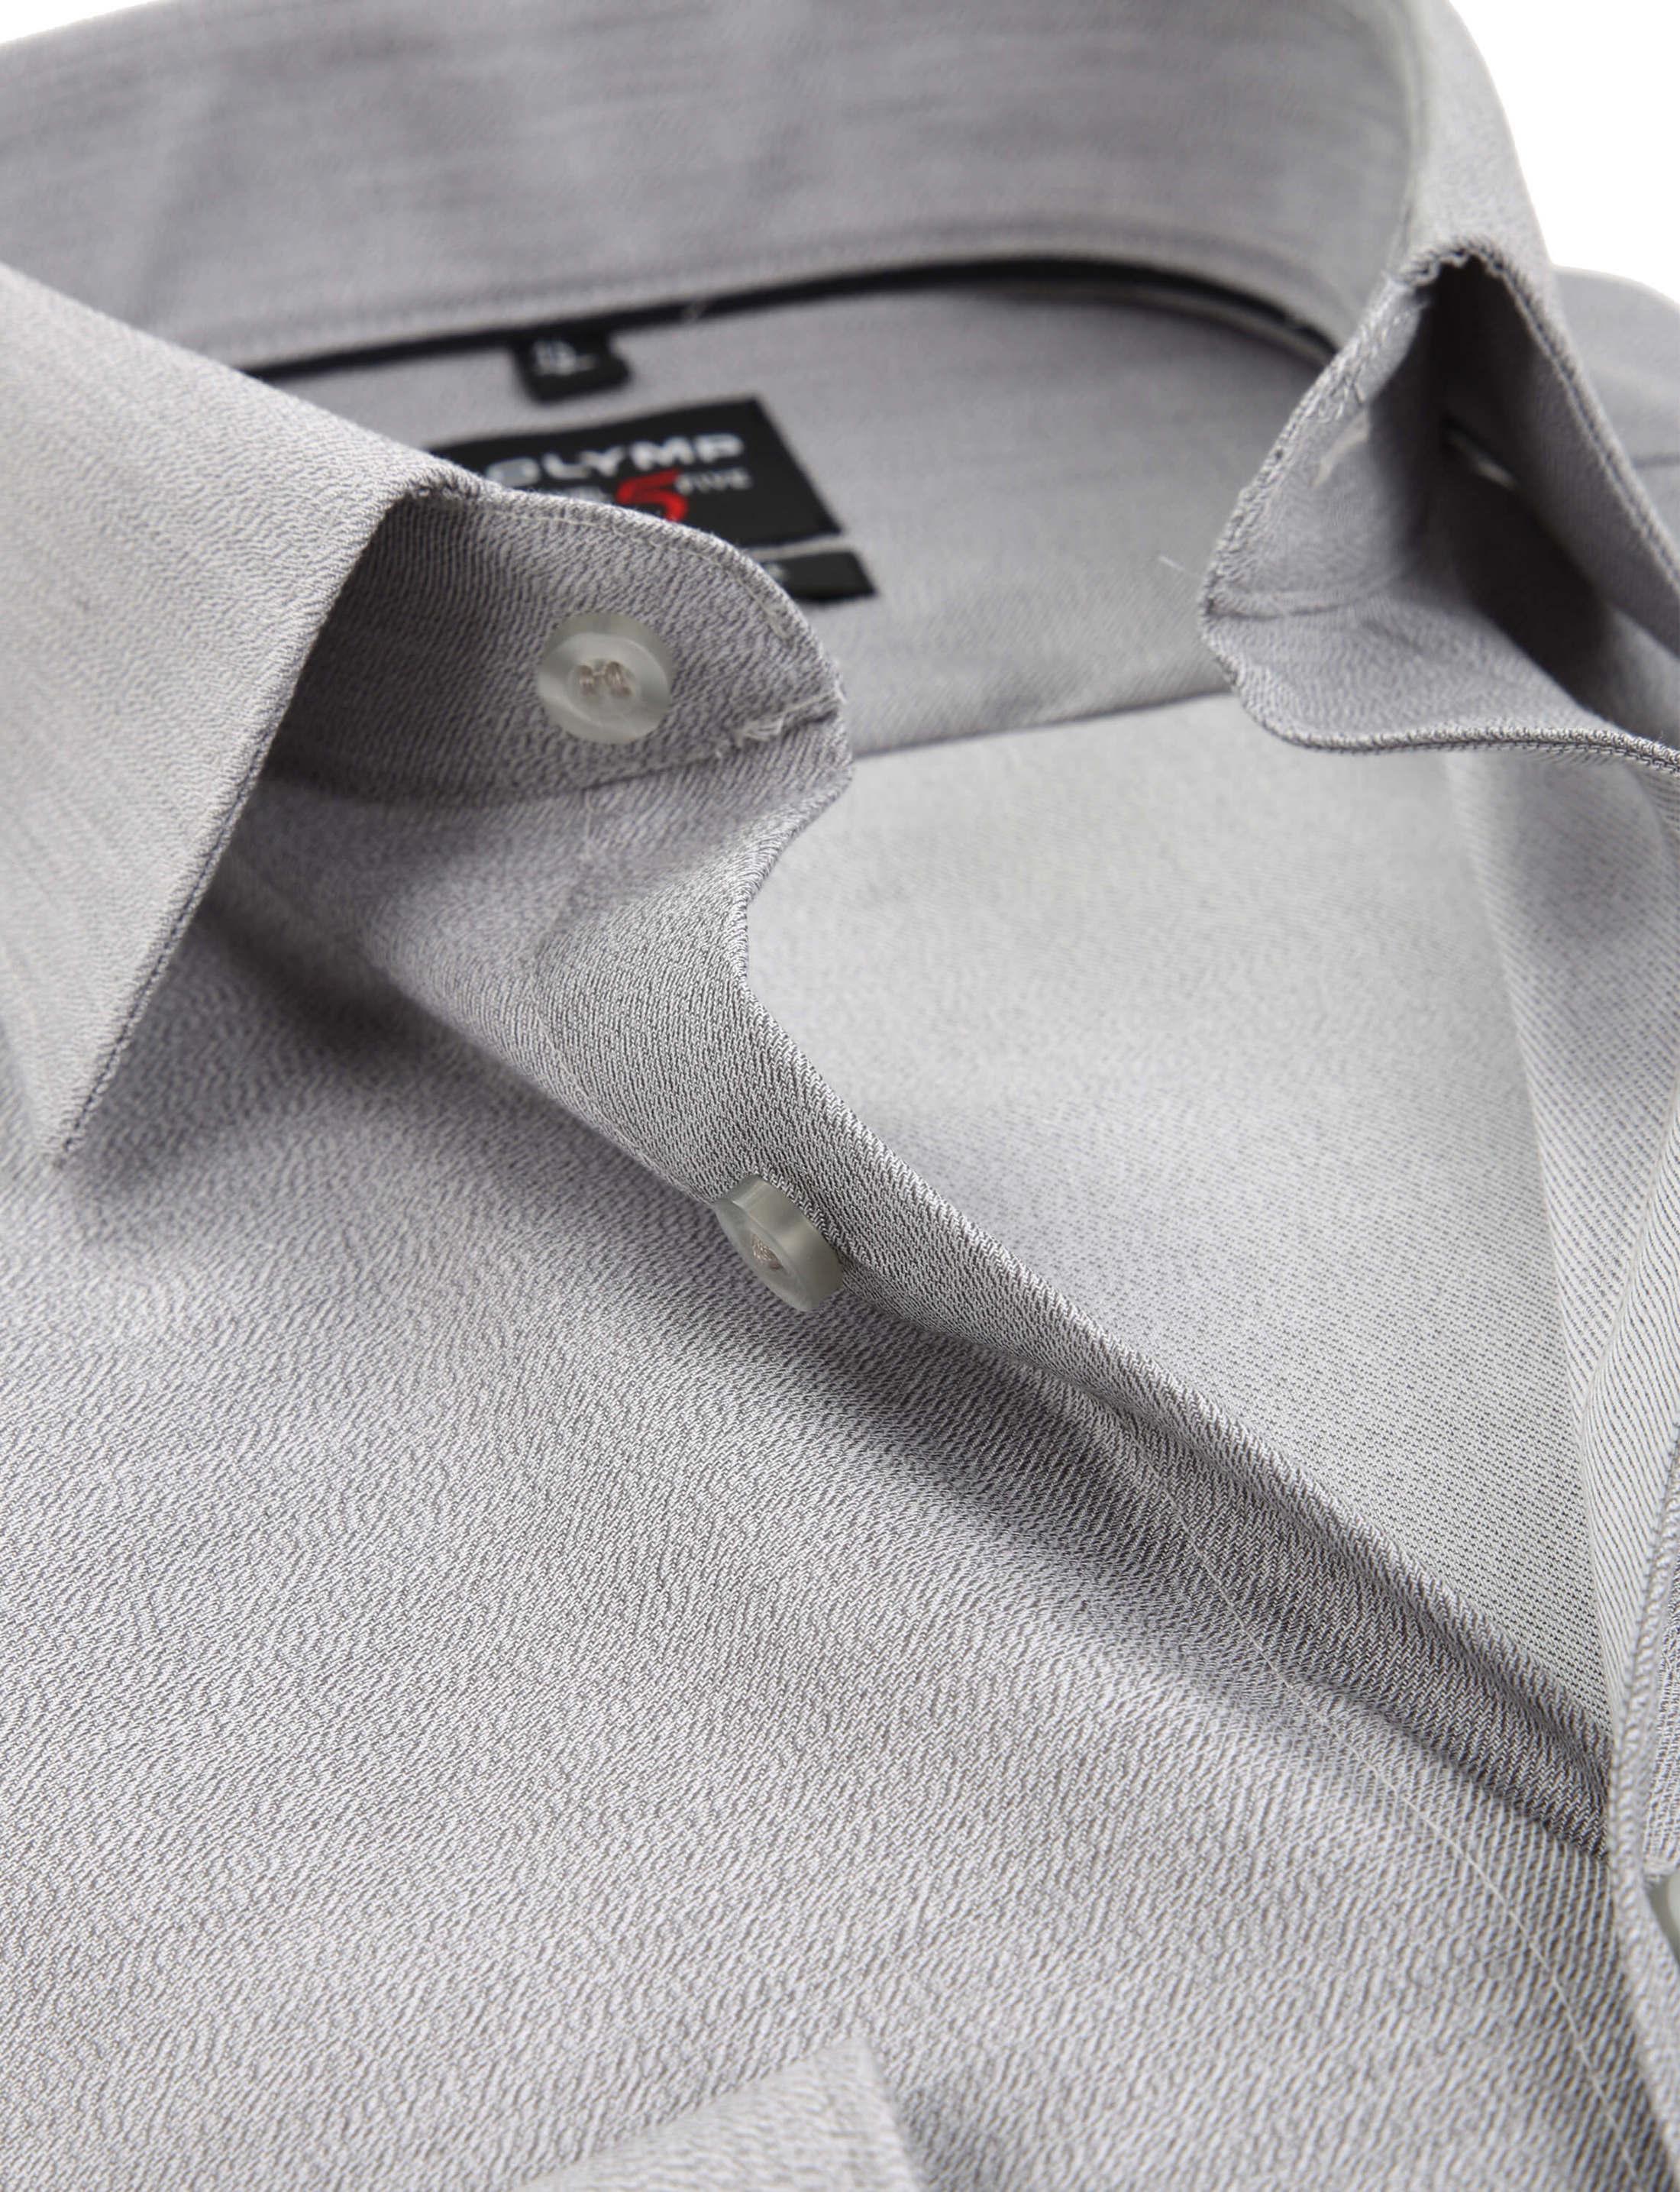 OLYMP Overhemd Level 5 Body-Fit Grijs foto 1